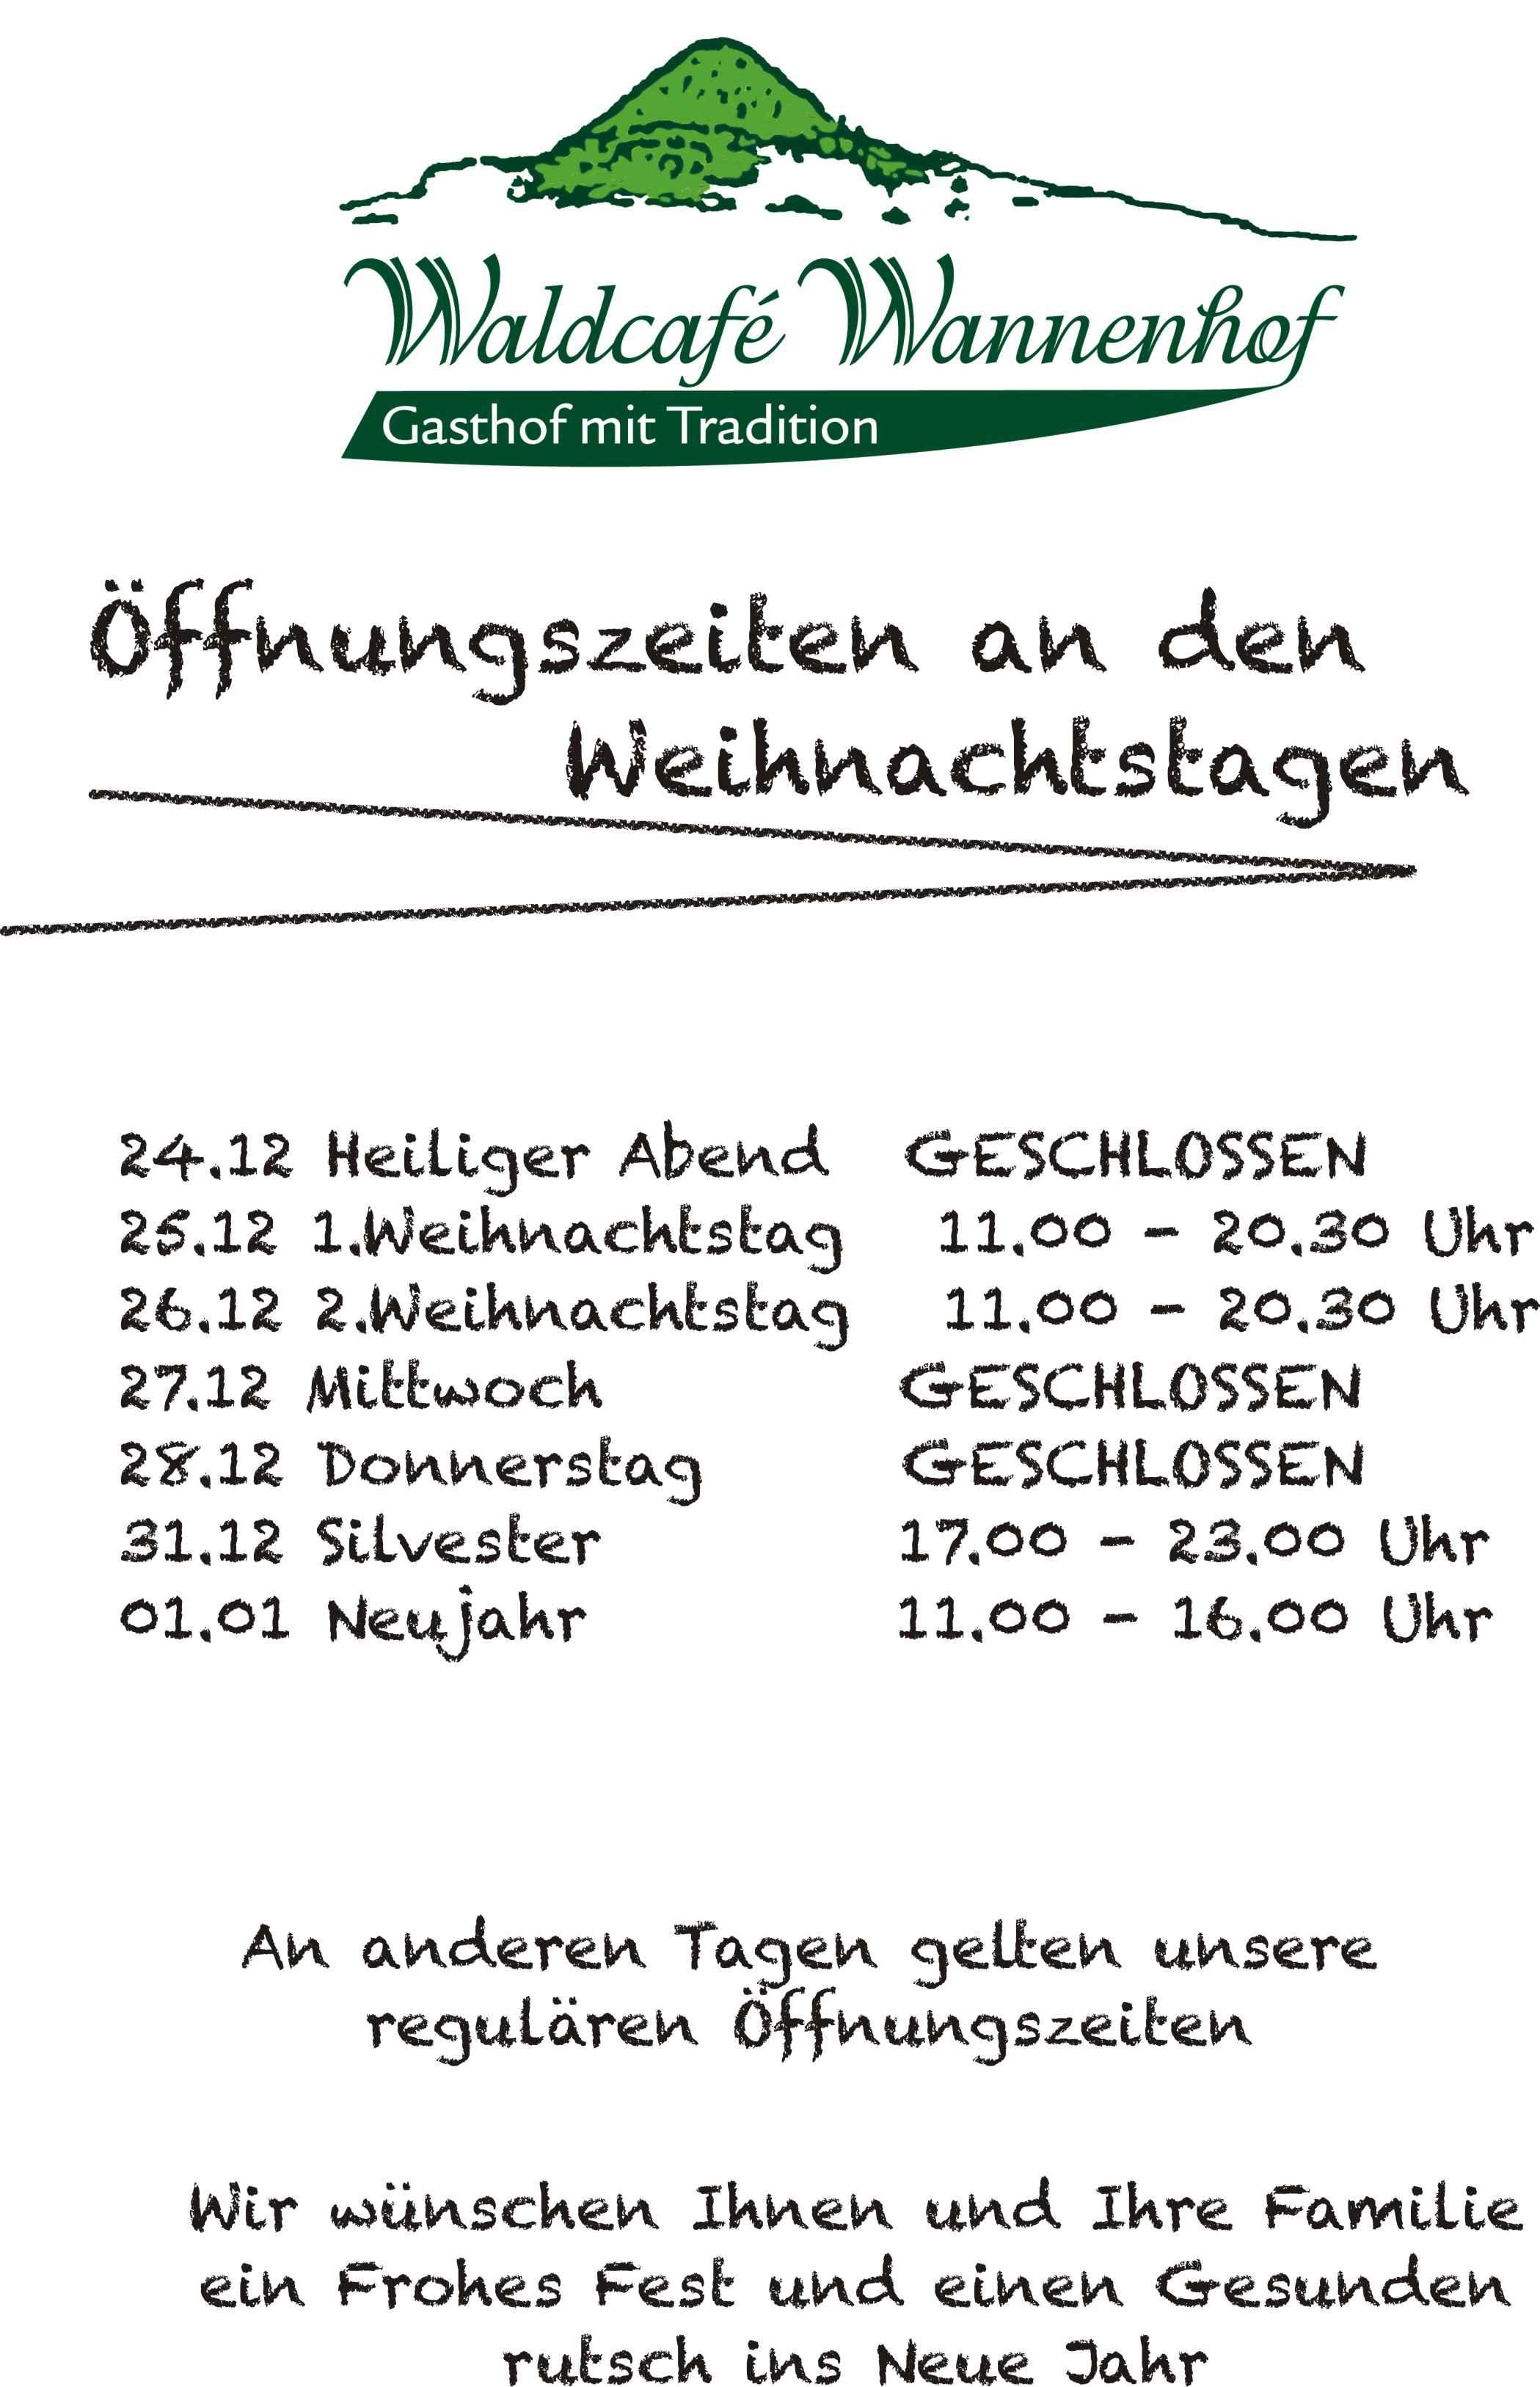 Bild zur Nachricht von Waldcafe Wannenhof